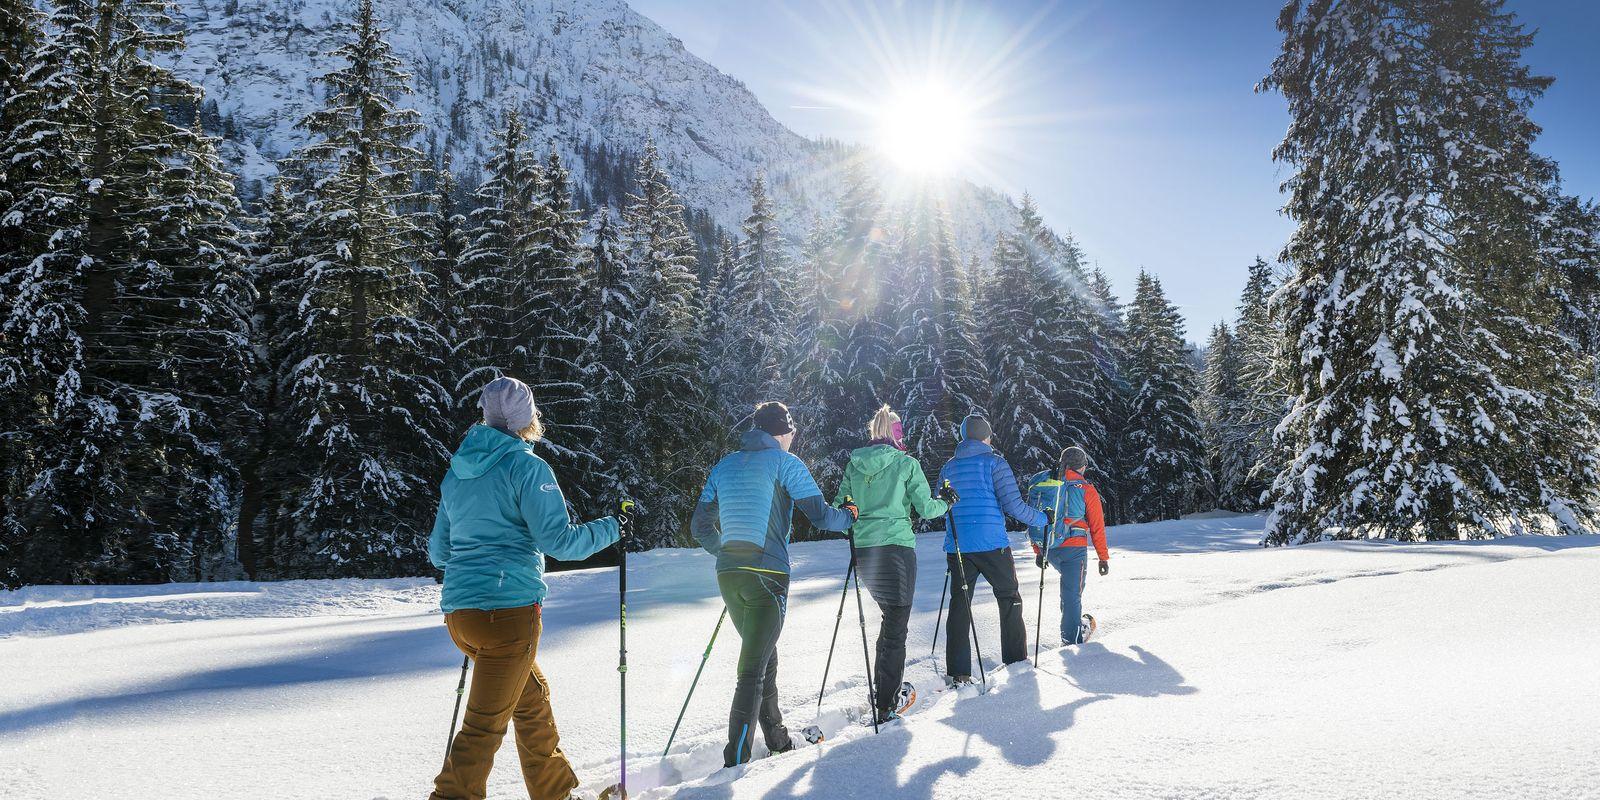 Winterwanderprogramm - Schneeschuhwanderung @Achensee Tourismus